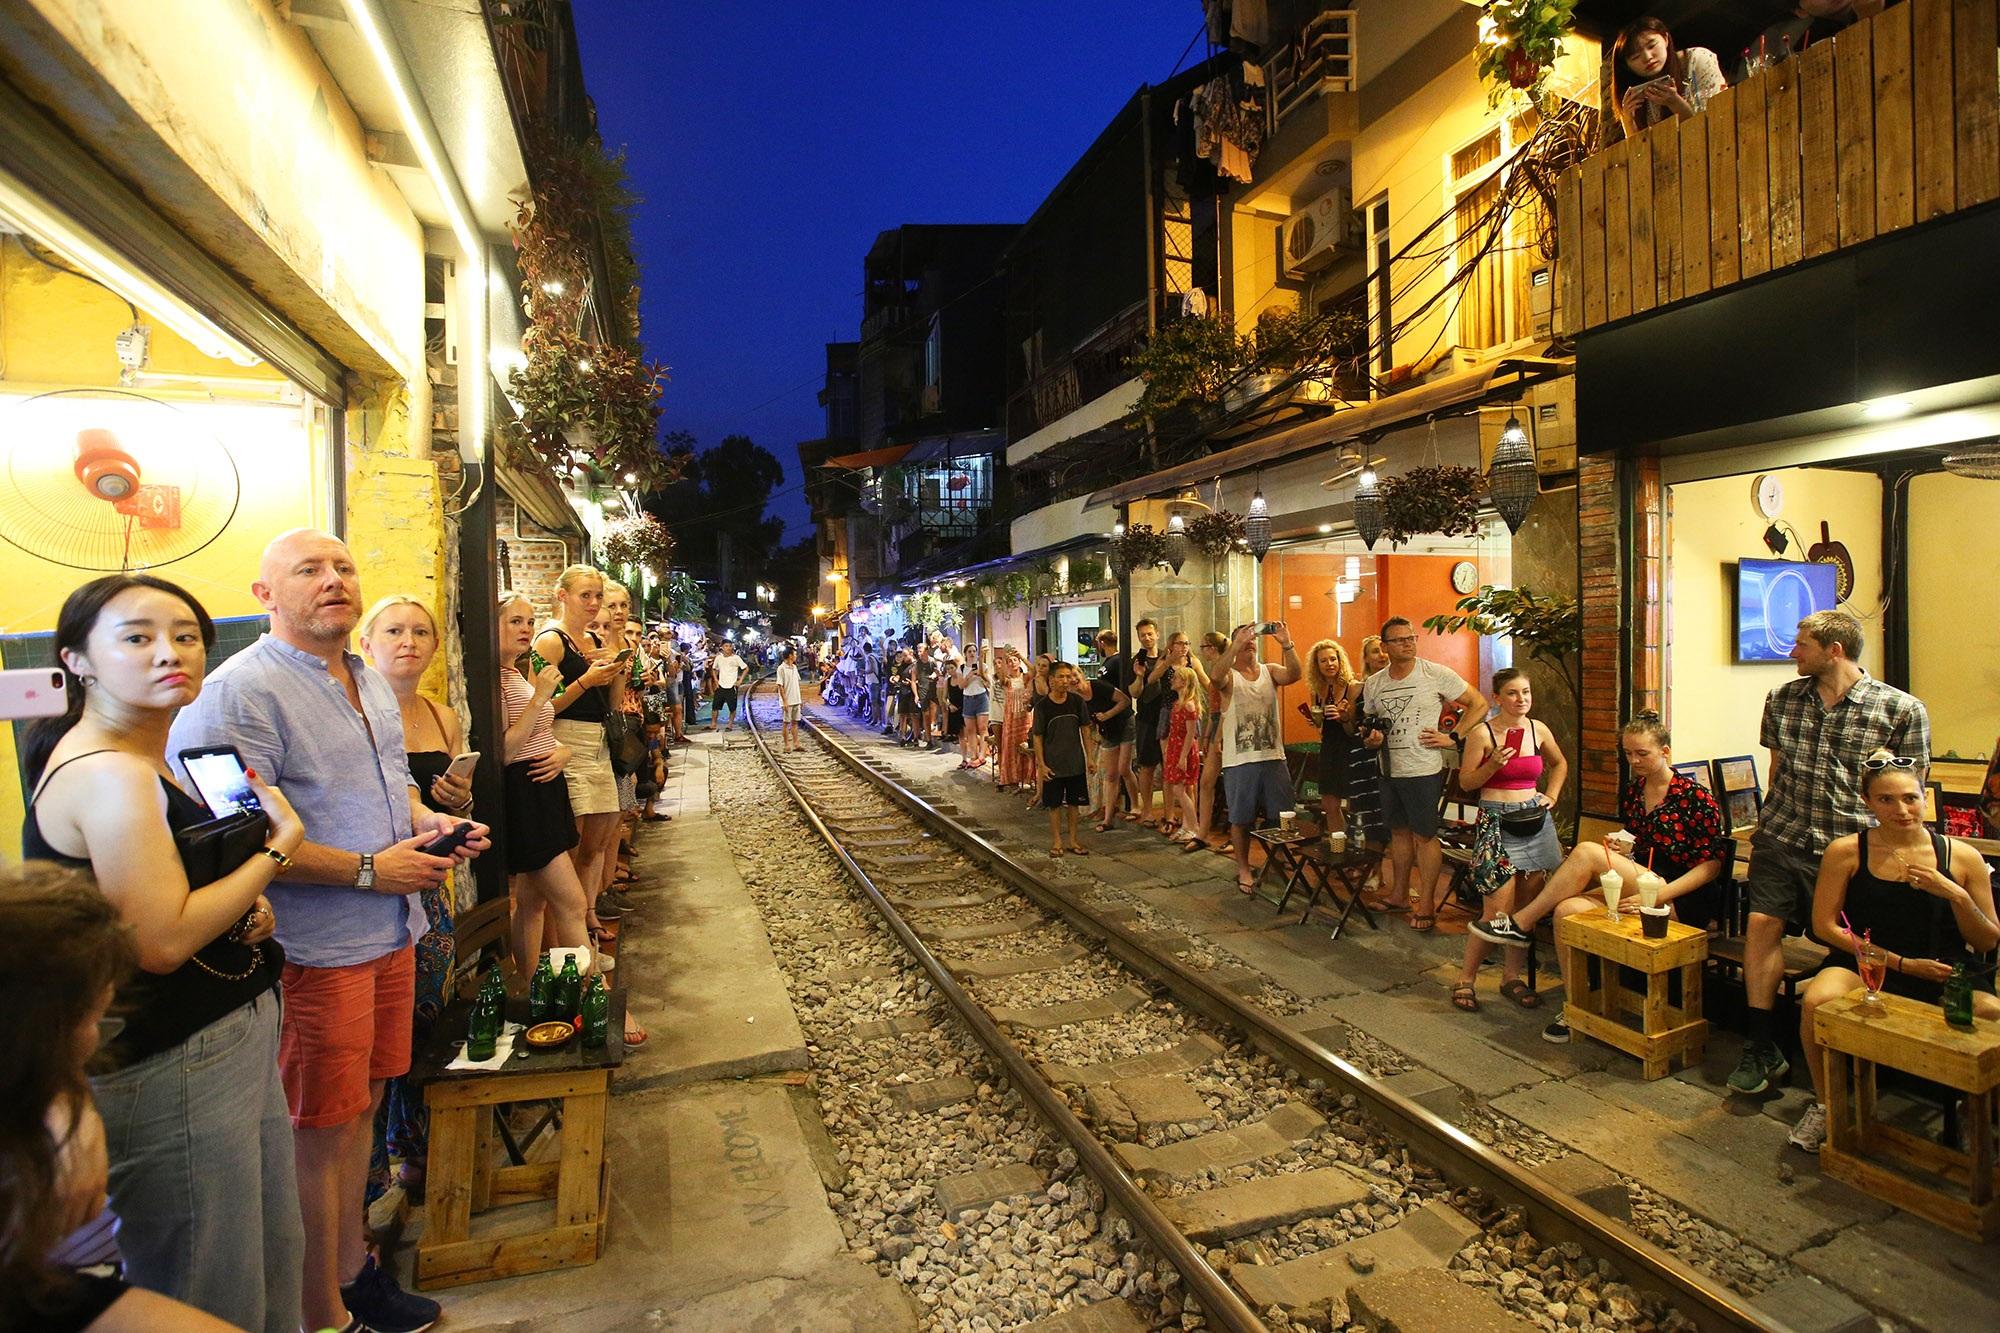 Xóm đường tàu lên đời thành điểm du lịch hấp dẫn ở Hà Nội - 13